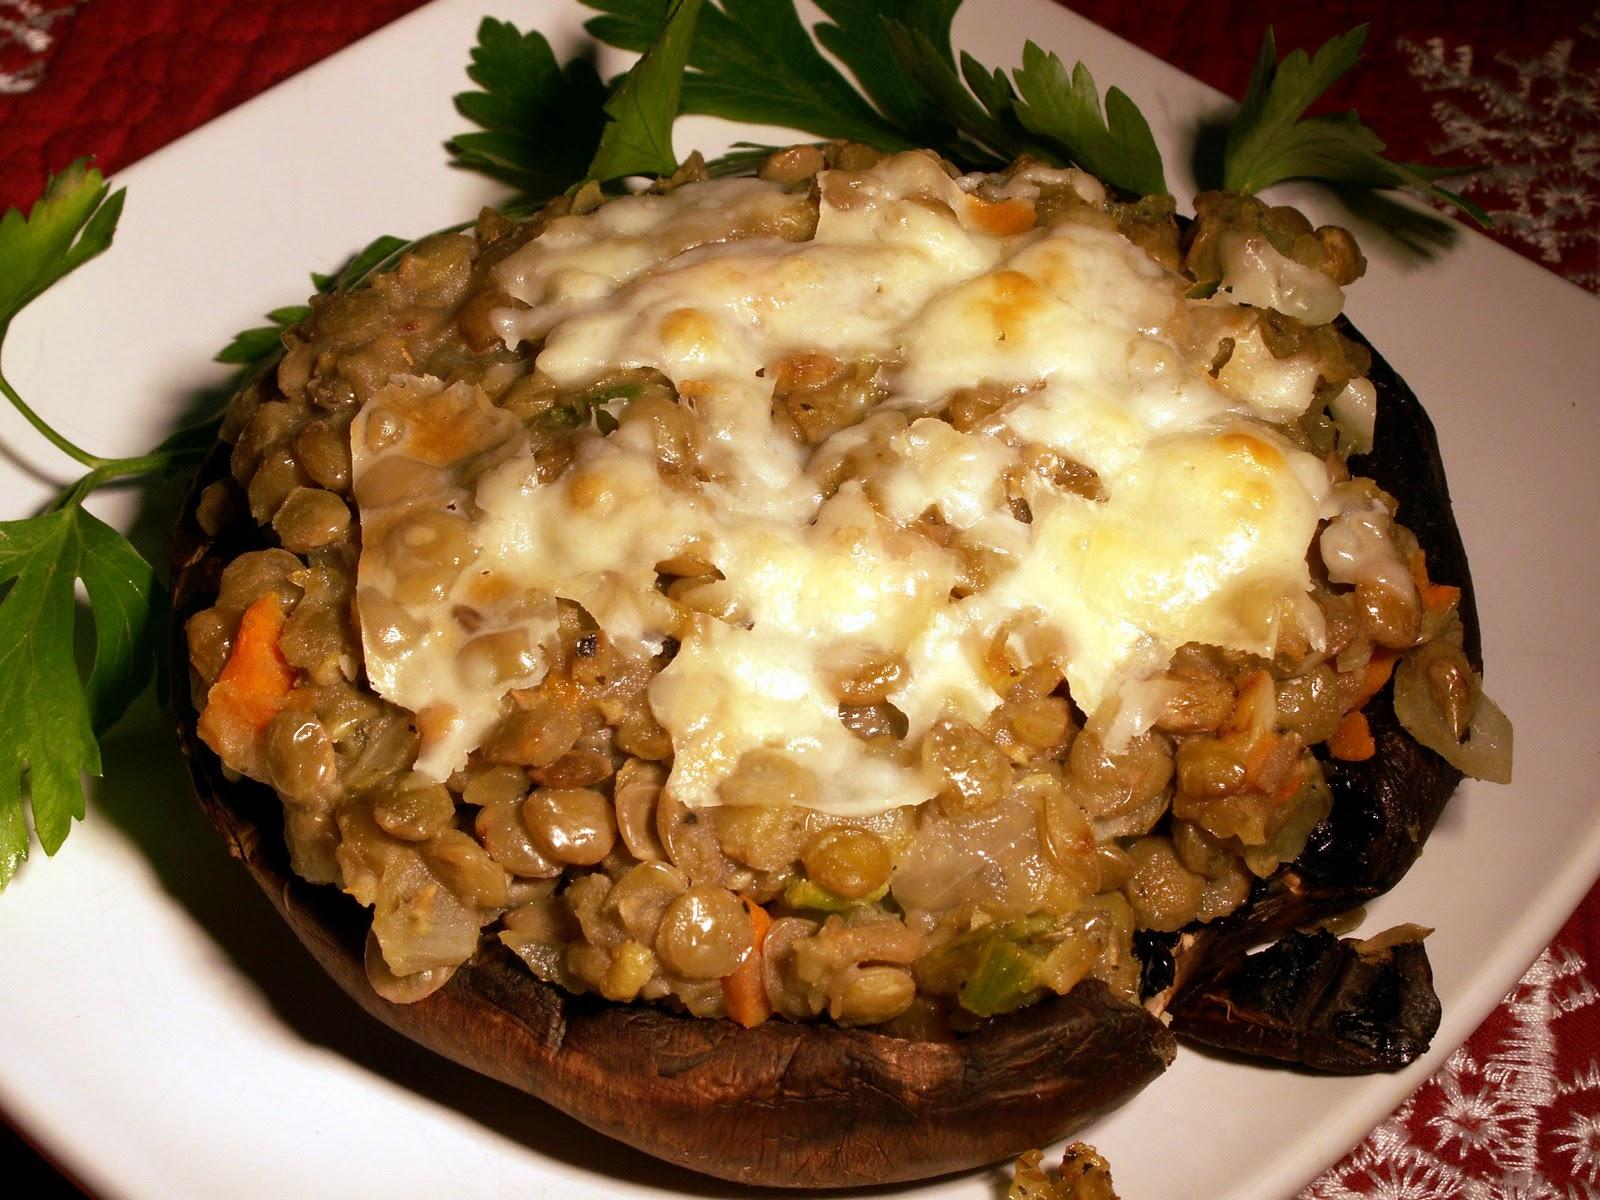 Mom, What's For Dinner?: Healthy Stuffed Portobello Mushrooms